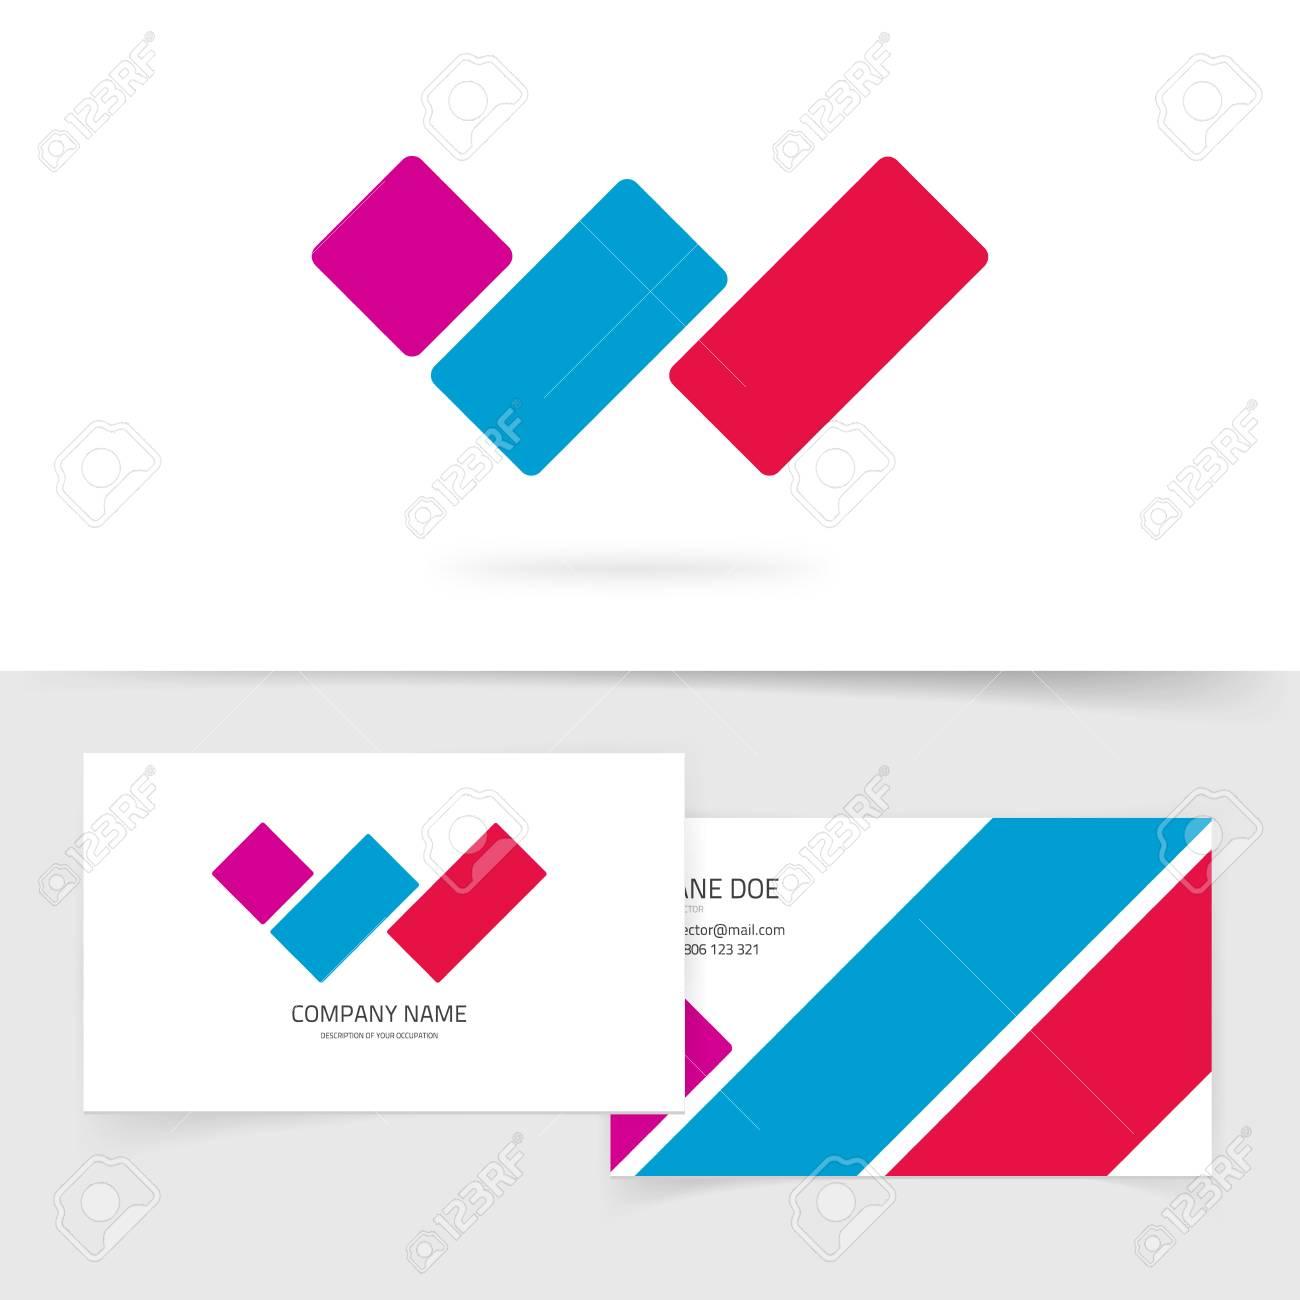 Concept De Vecteur Lettre W Icne Avec Carte Visite Symbole Dicne Dgrad Couleur Rouge Bleu Violet Sur Fond Blanc Ide Signe Marque